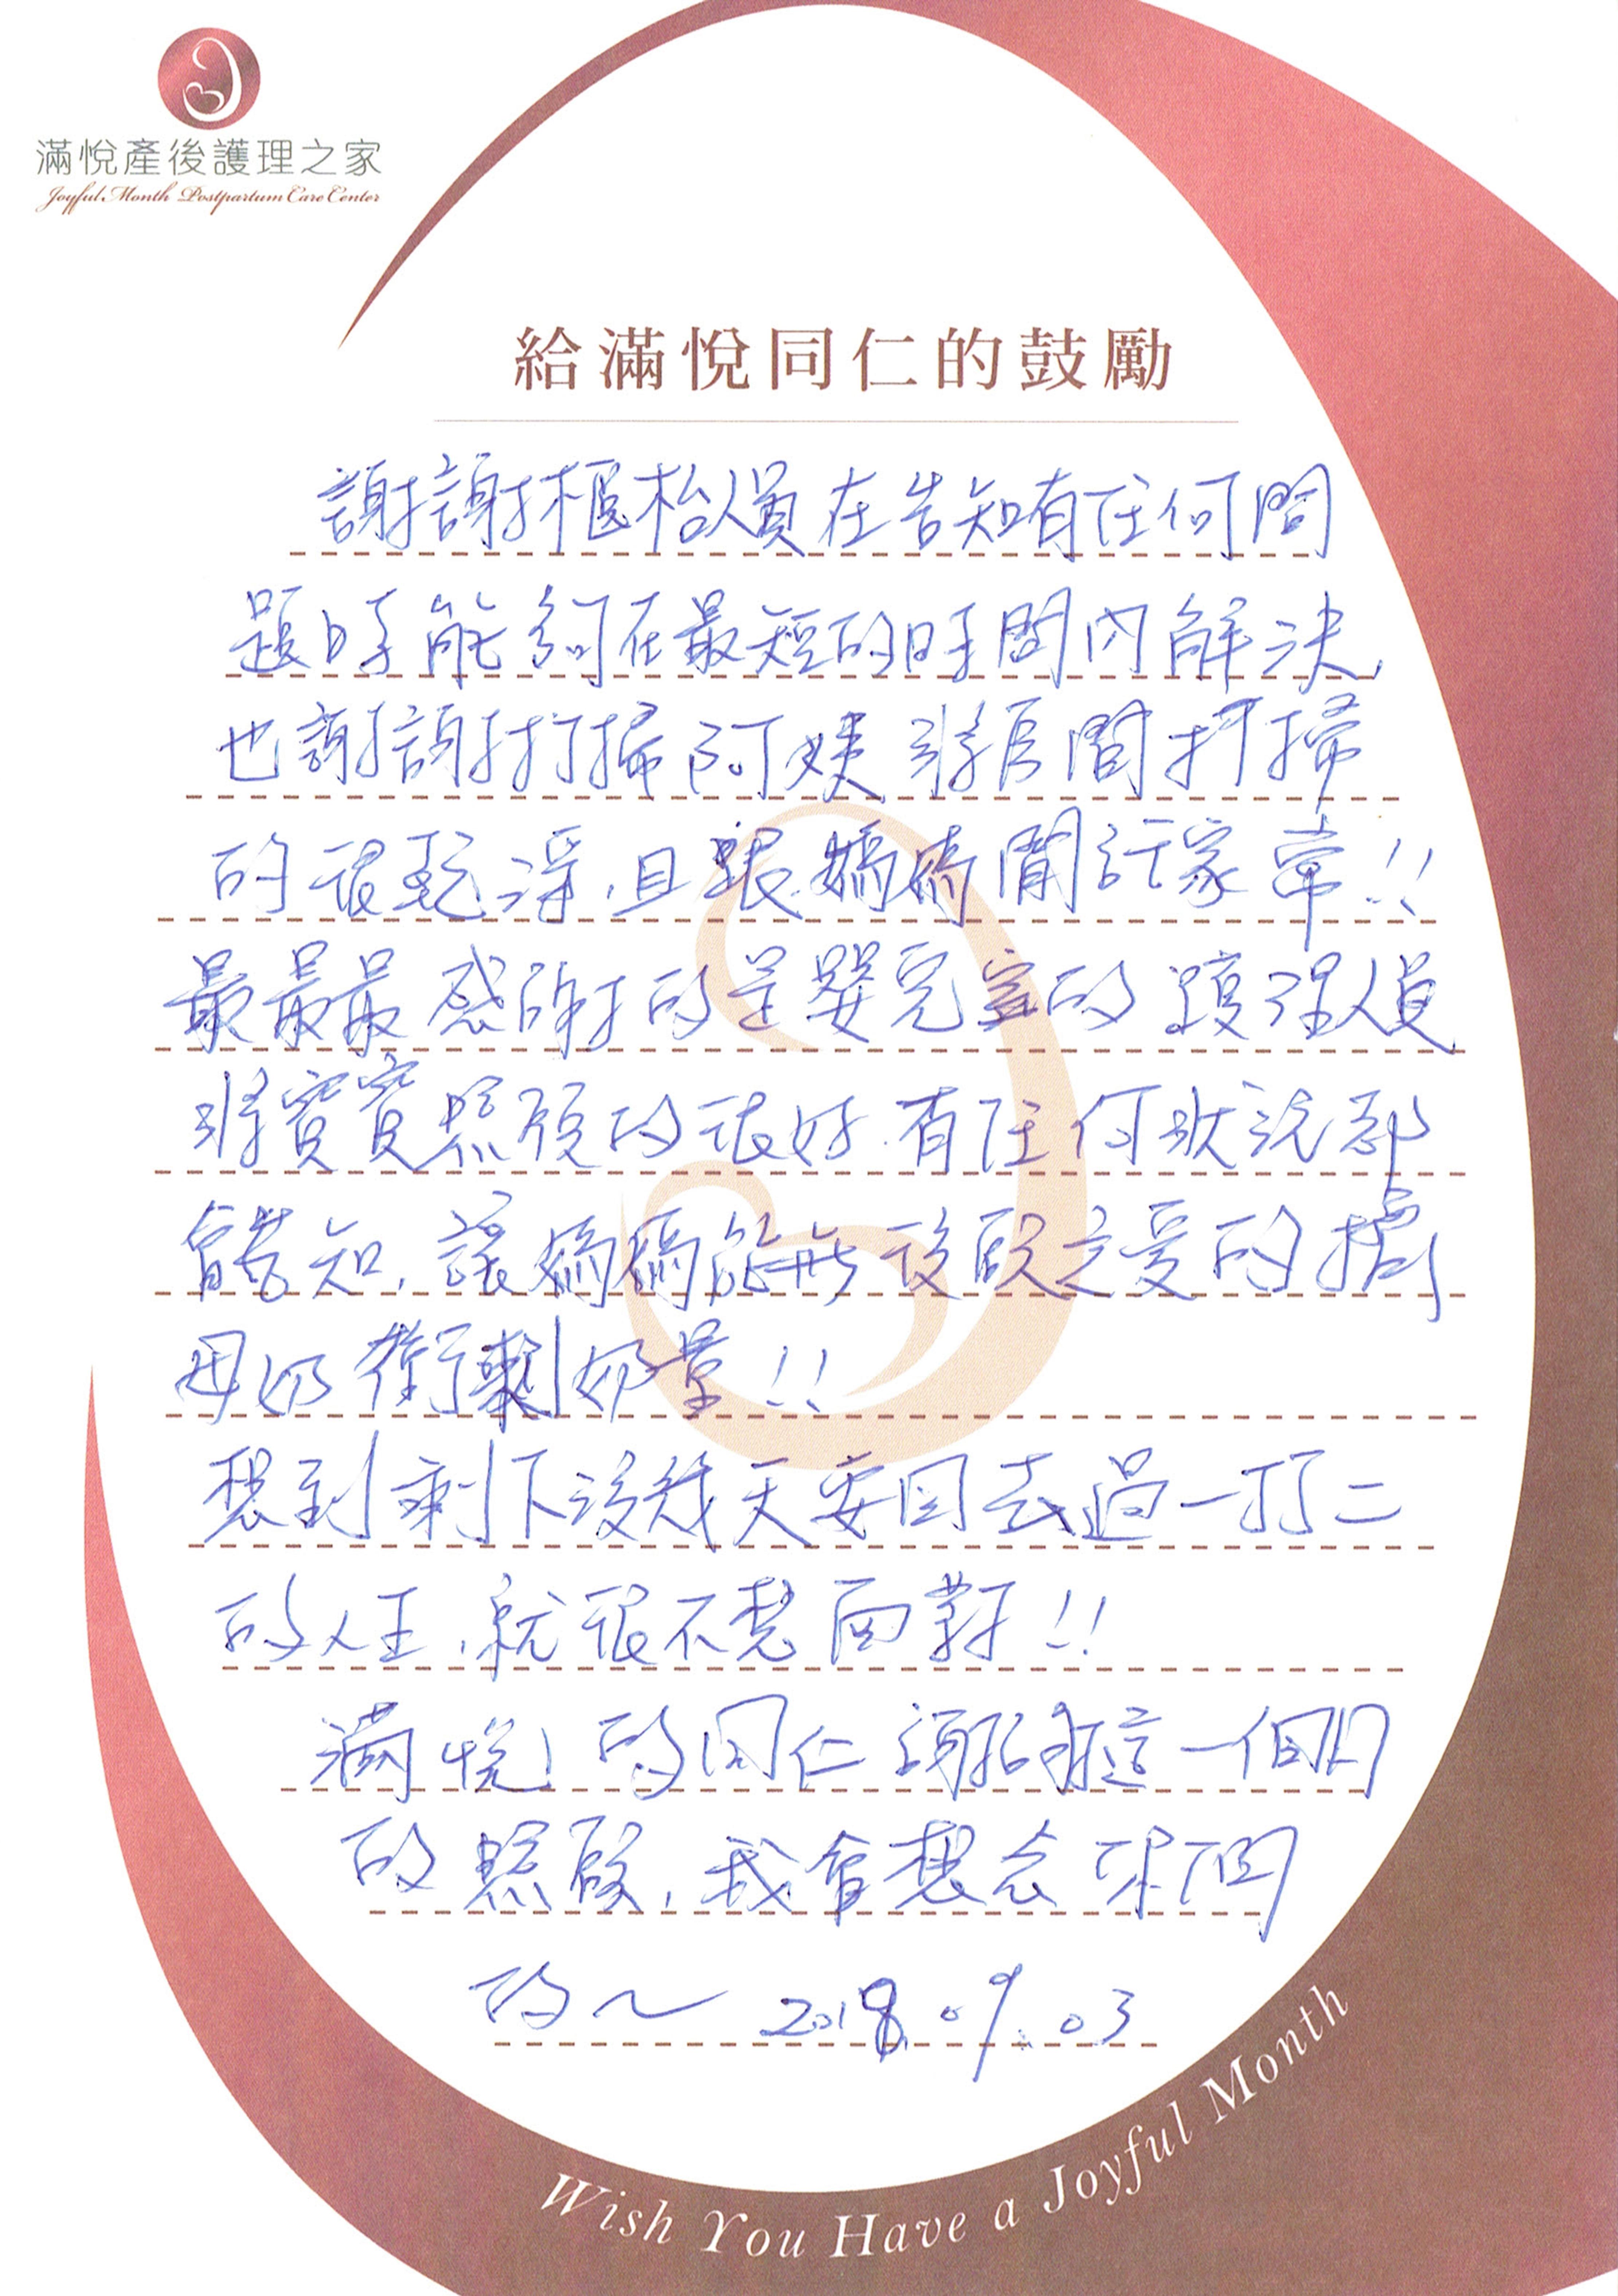 雅絹媽咪&志峰爸比